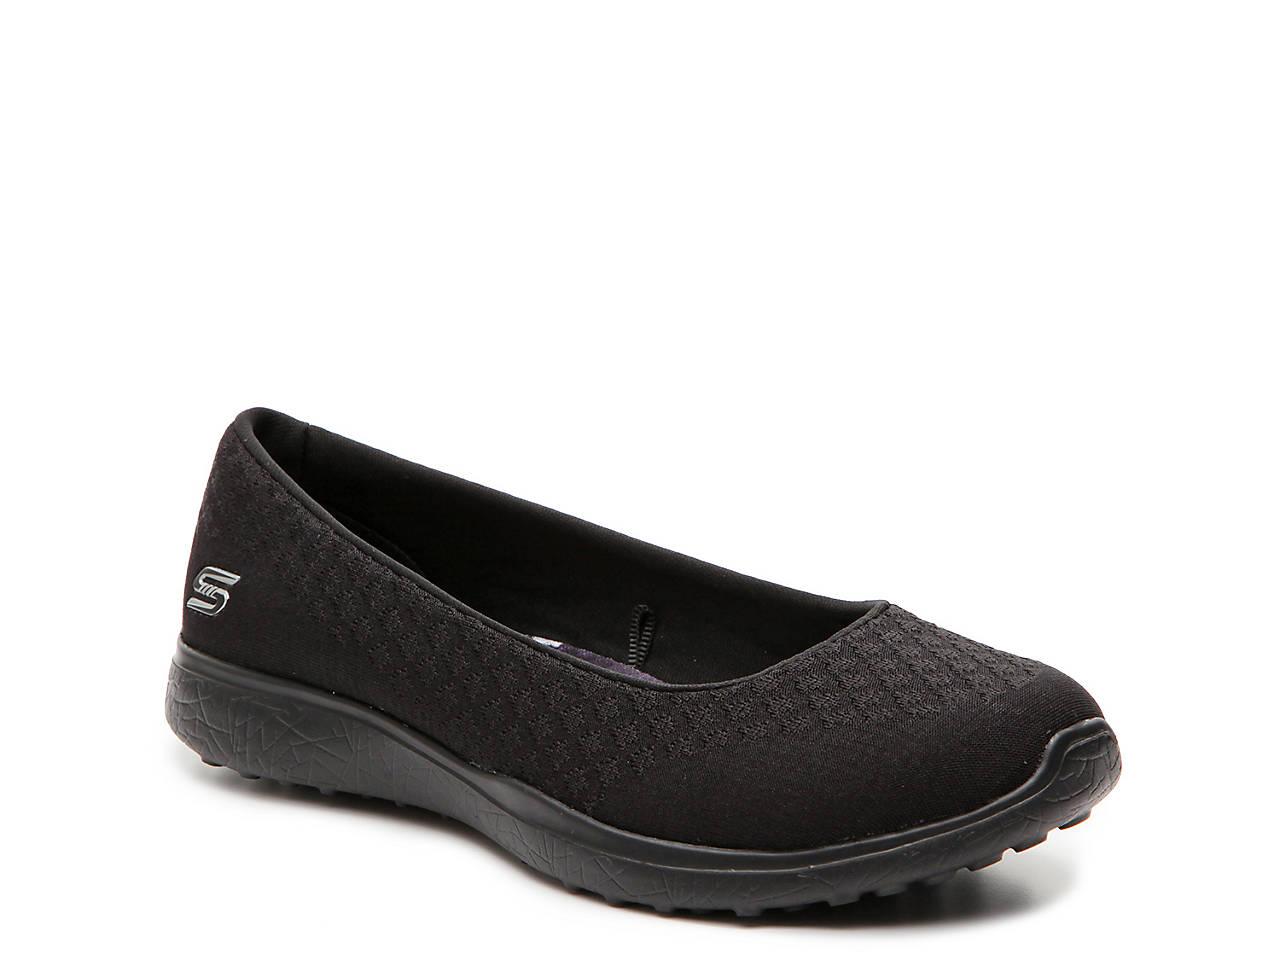 3ddde88b33e Skechers Microburst One Up Slip-On Women s Shoes